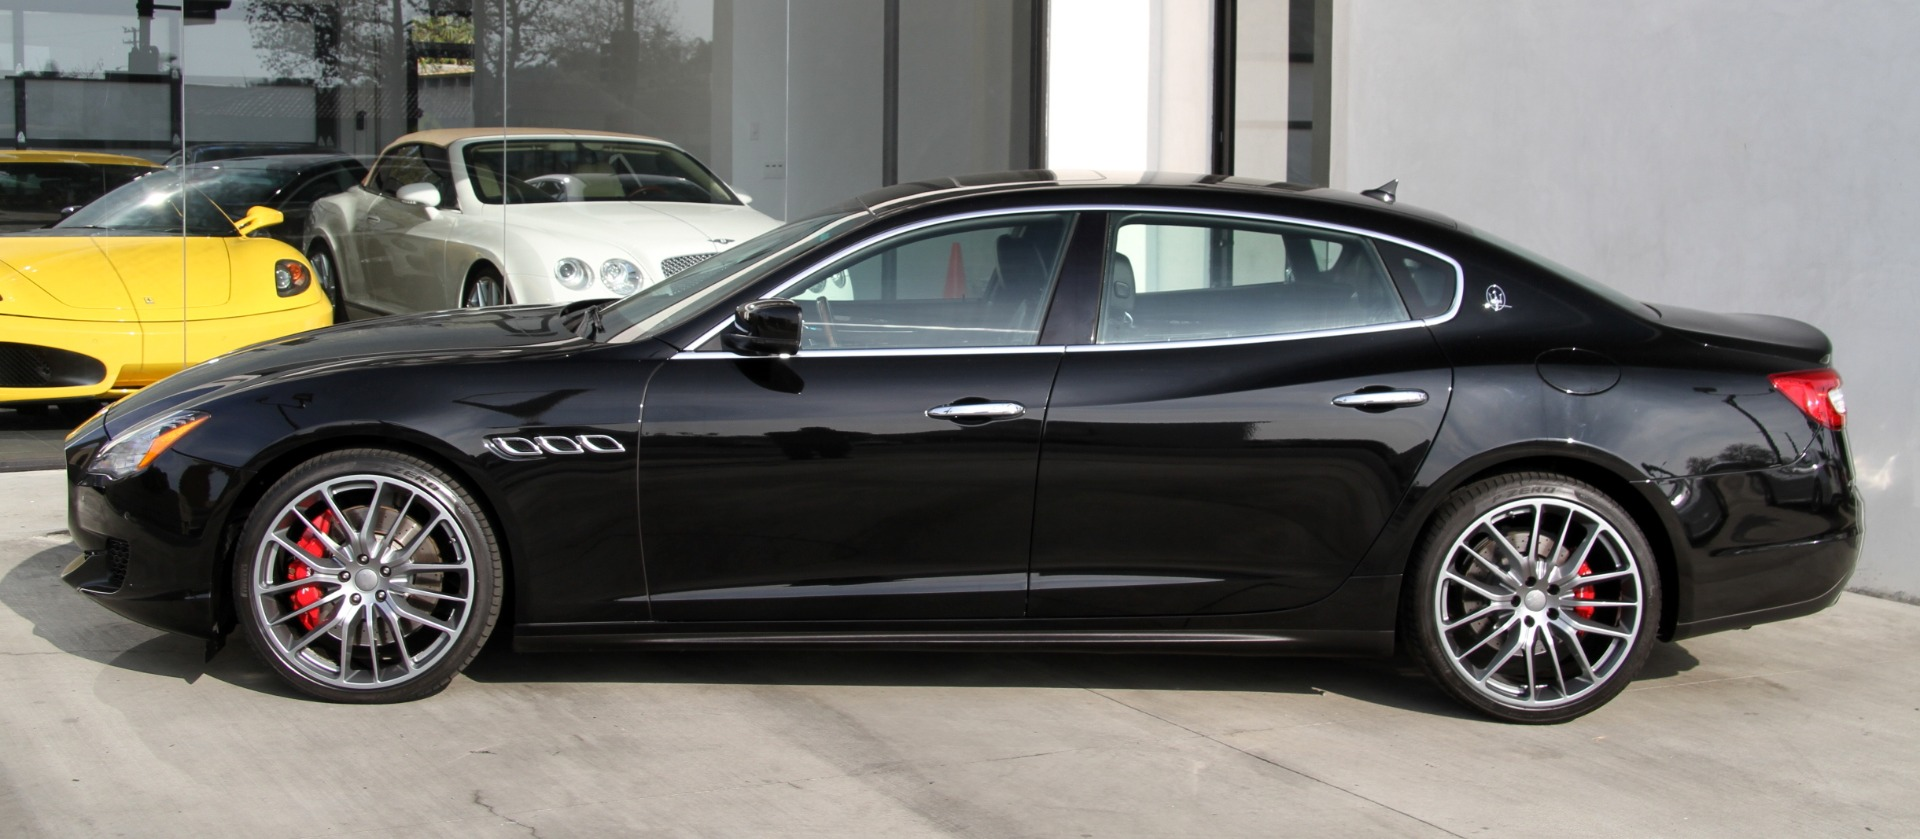 Dealer Near Me >> 2014 Maserati Quattroporte Sport GT S Stock # 6071 for sale near Redondo Beach, CA | CA Maserati ...